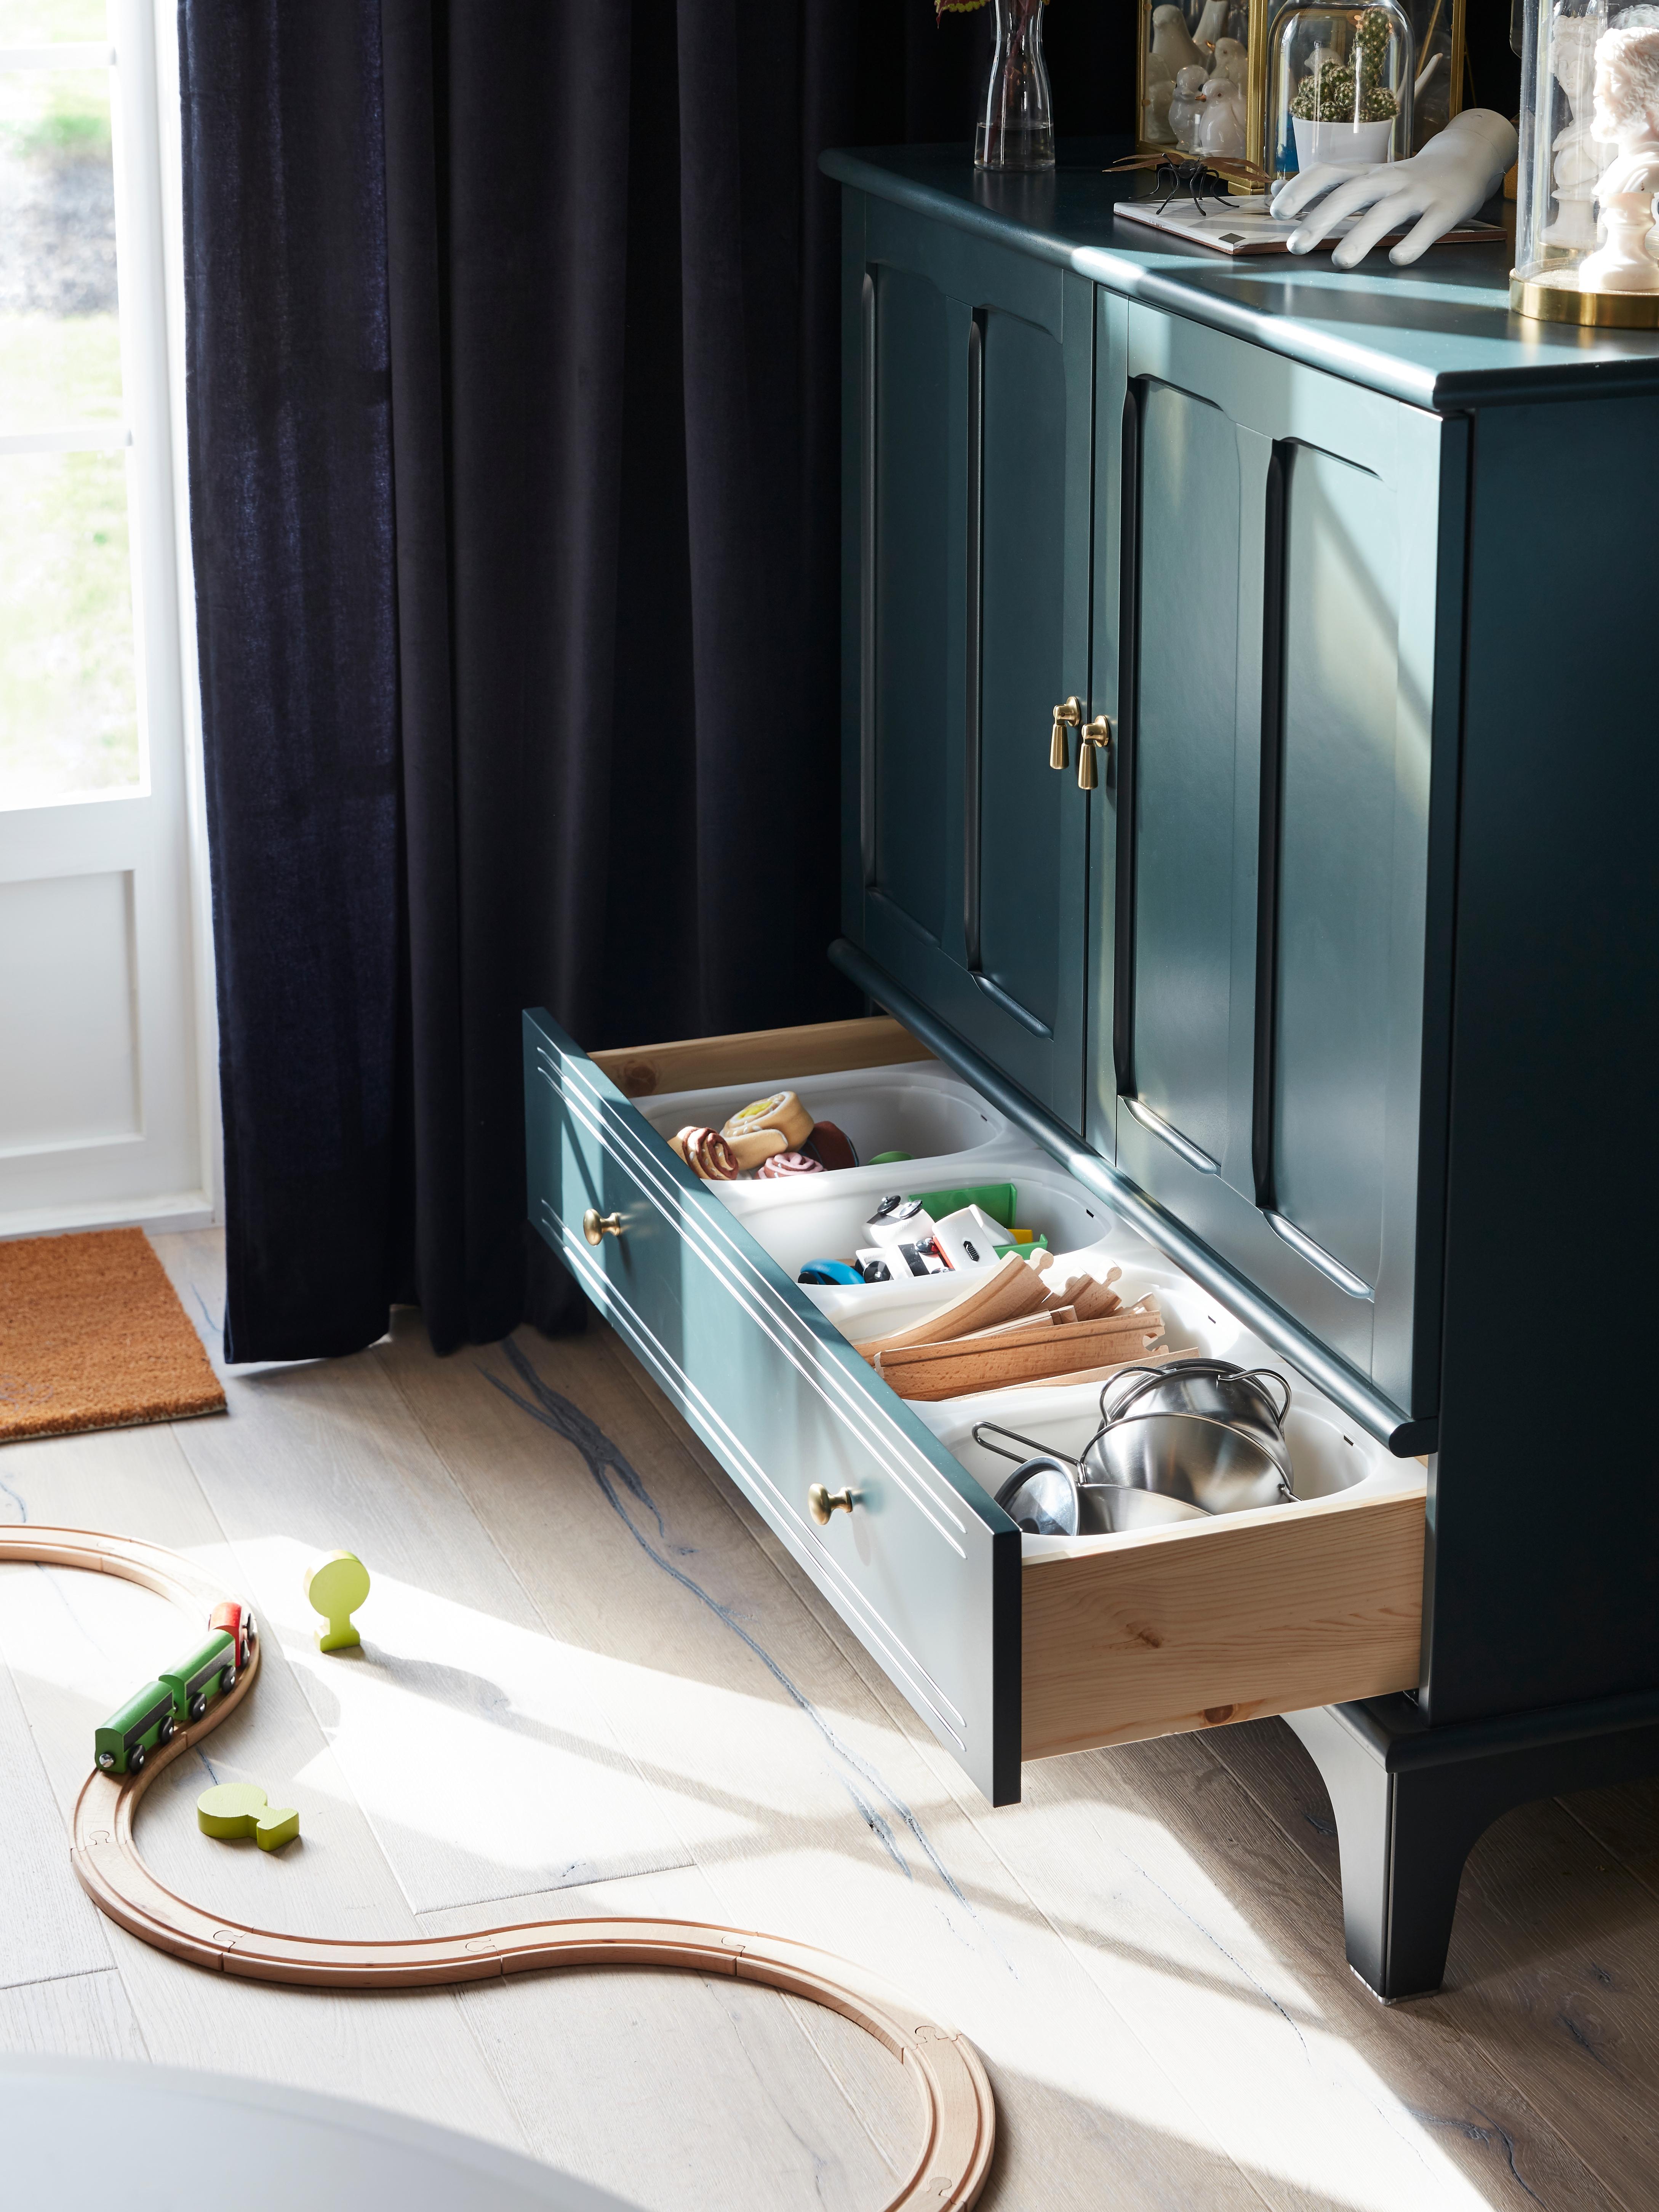 Donja ladica tamnoplavo-zelenog LOMMARP elementa otvorena je i vide se dječje igračke unutra. Vlak je na podu.